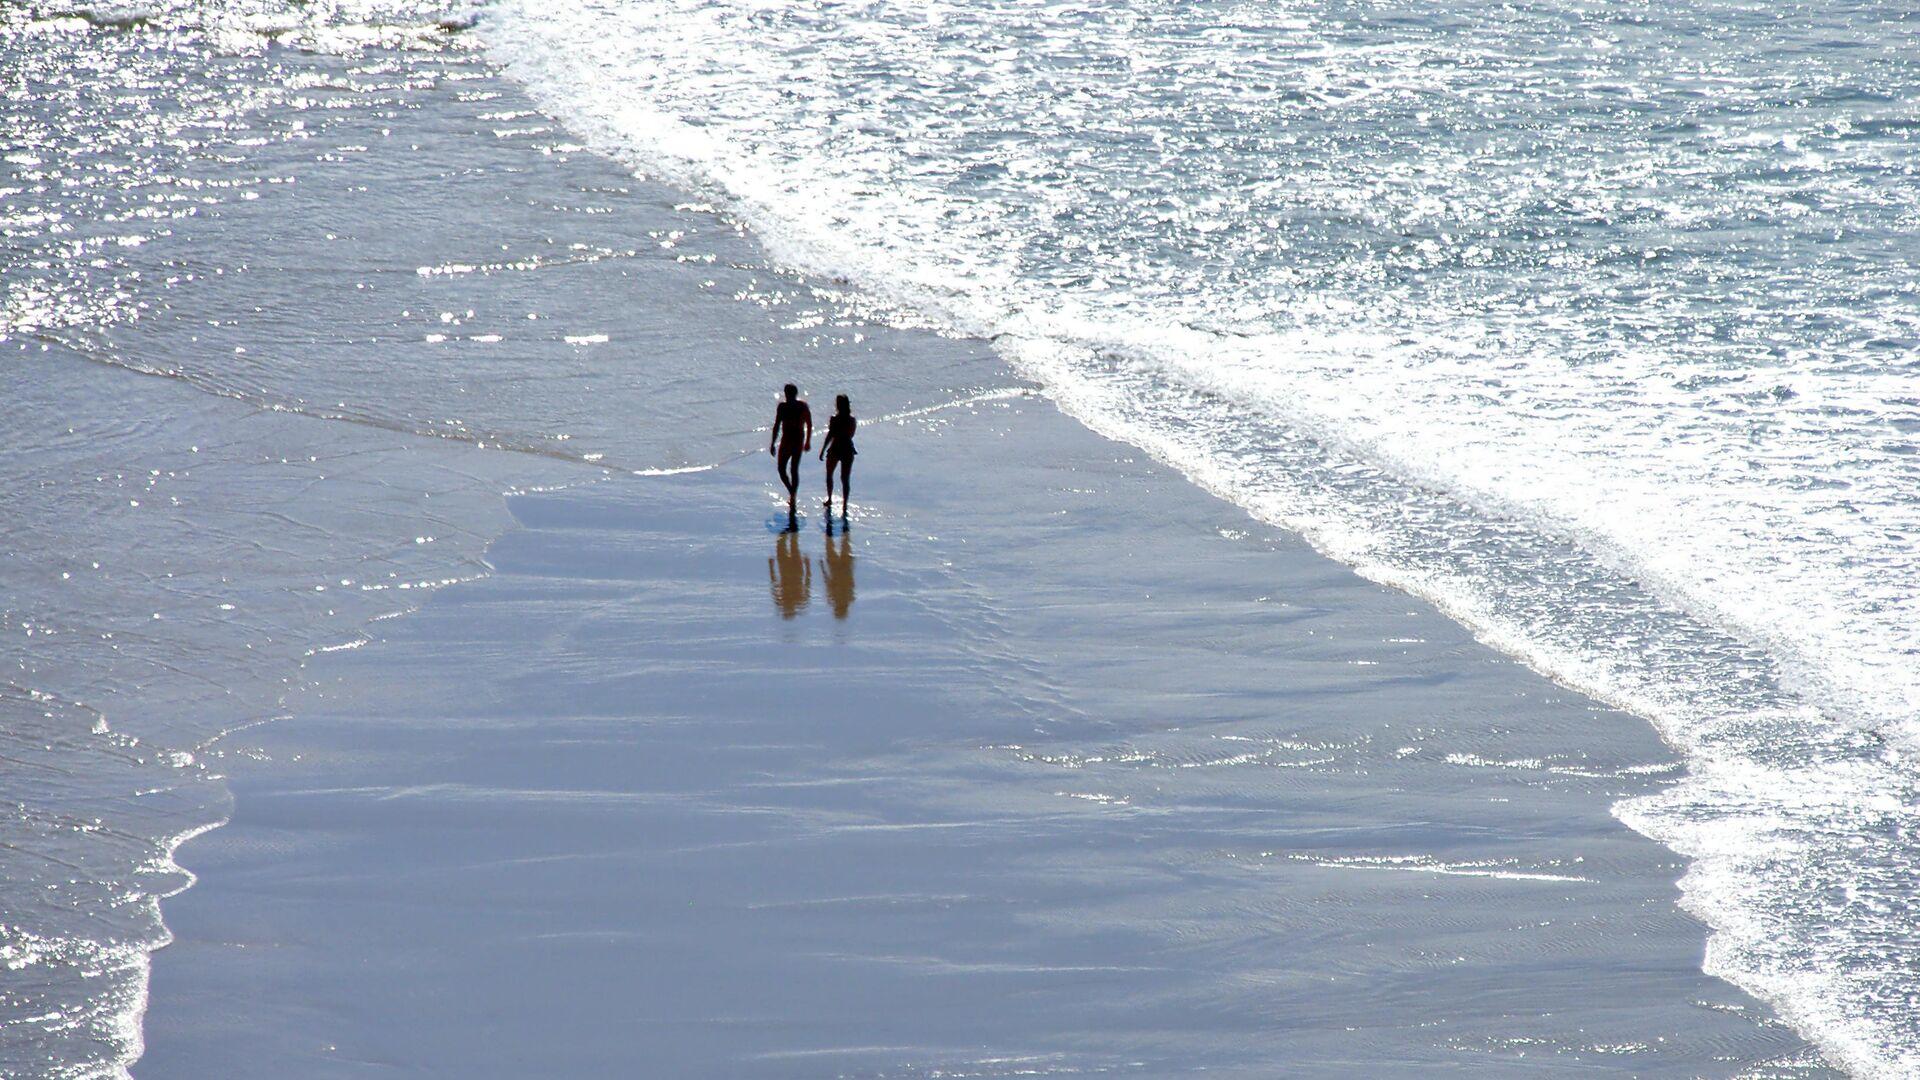 Playa nudista - Sputnik Mundo, 1920, 29.06.2021